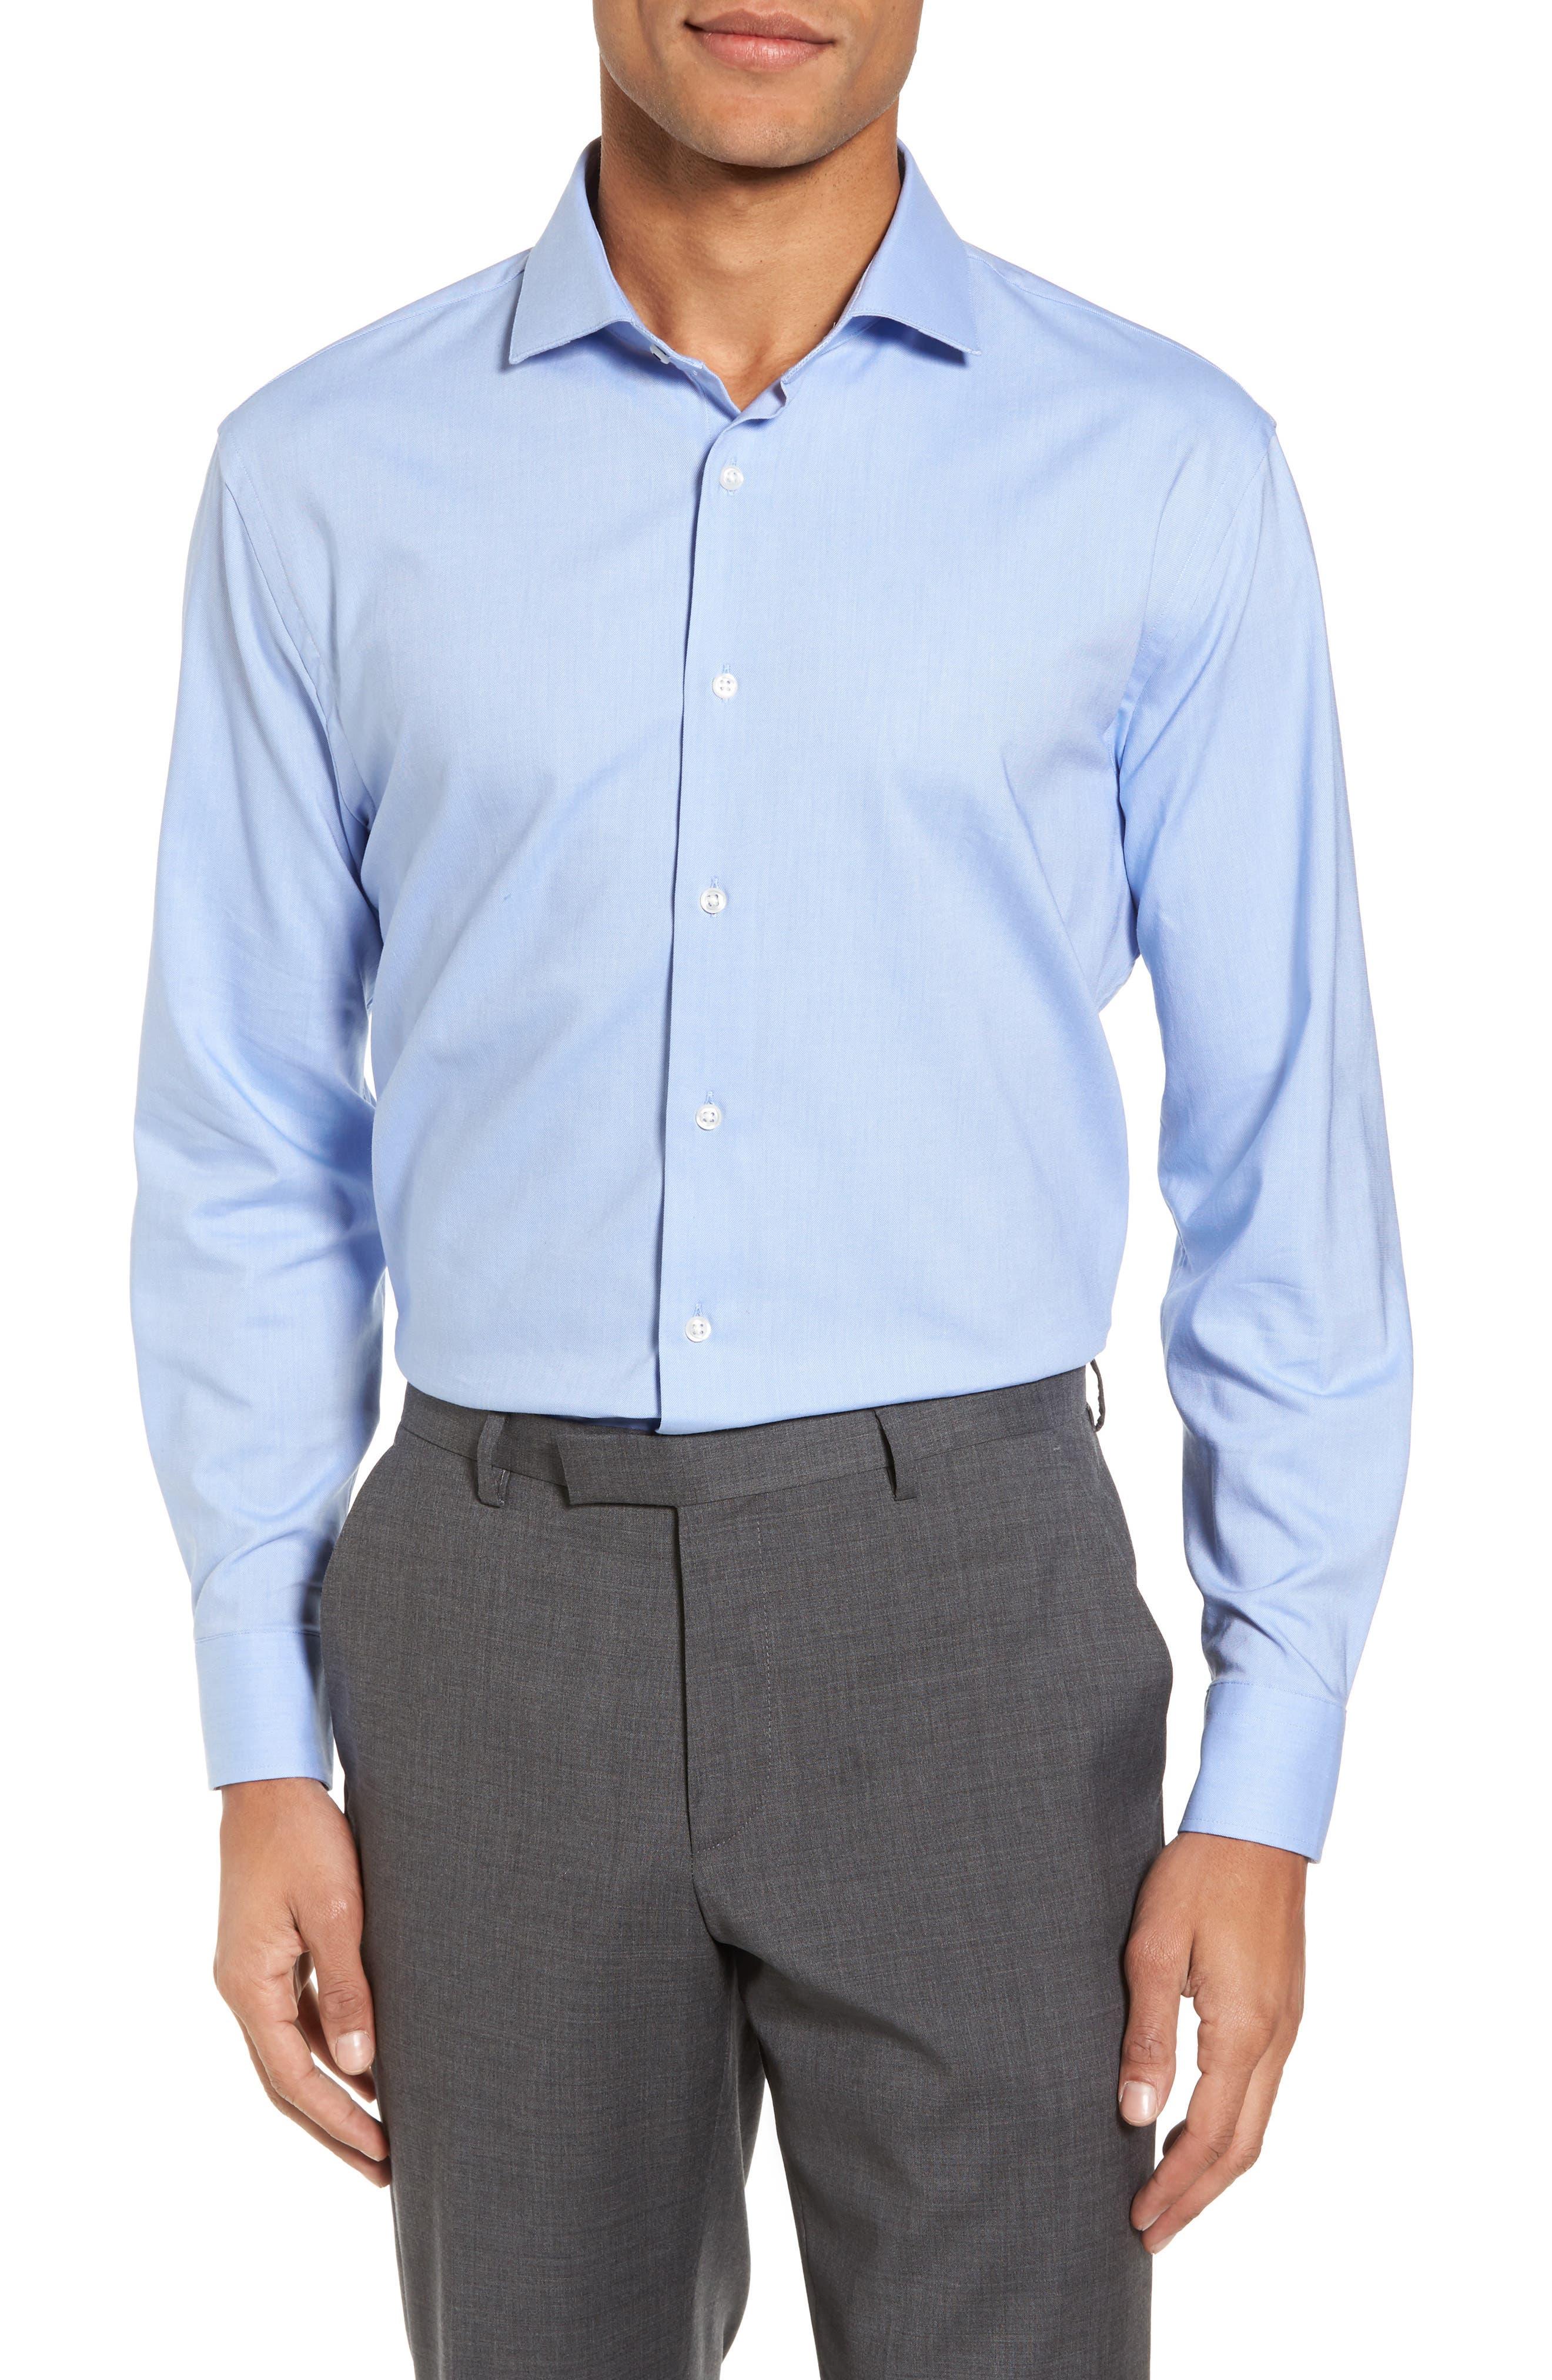 Tech-Smart Trim Fit Stretch Solid Dress Shirt,                         Main,                         color, Blue